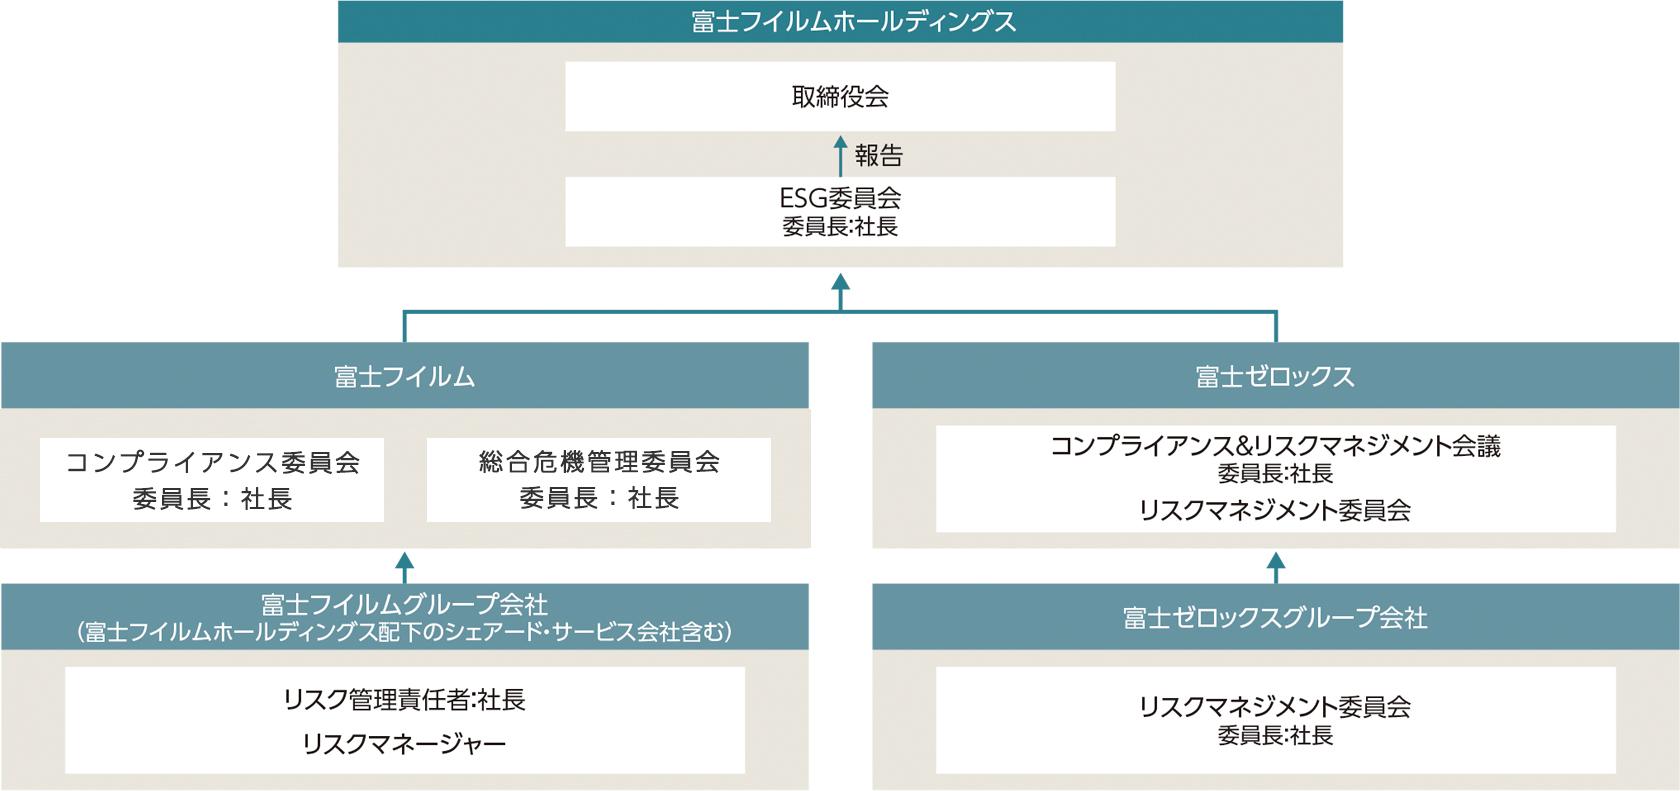 富士フイルムグループ コンプライアンス&リスク管理推進体制